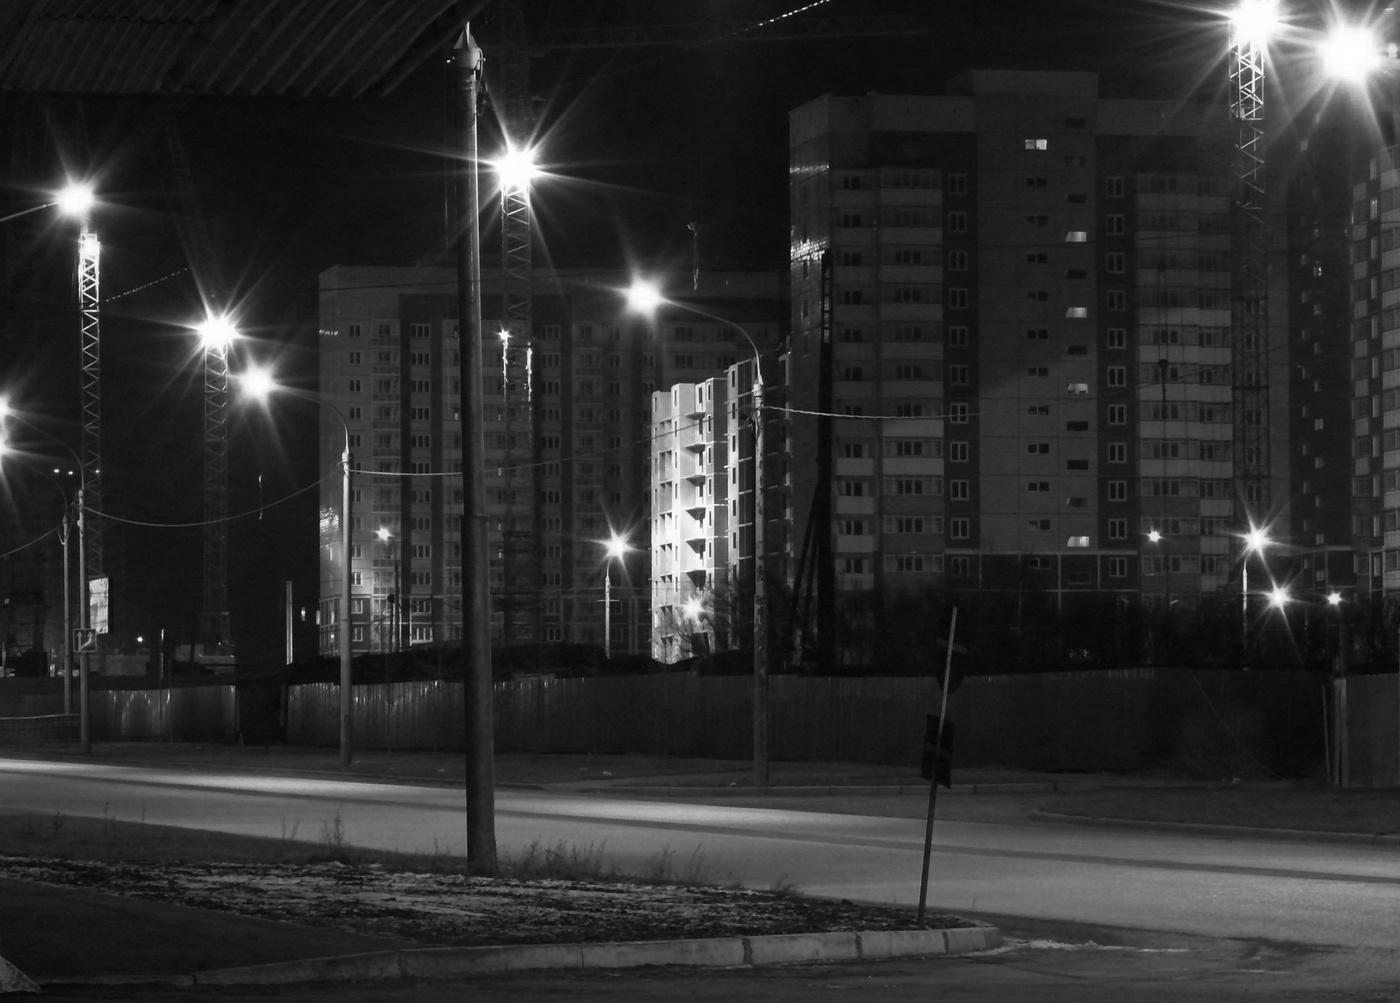 Тарногский городок вологодская область фото объявления поступившие